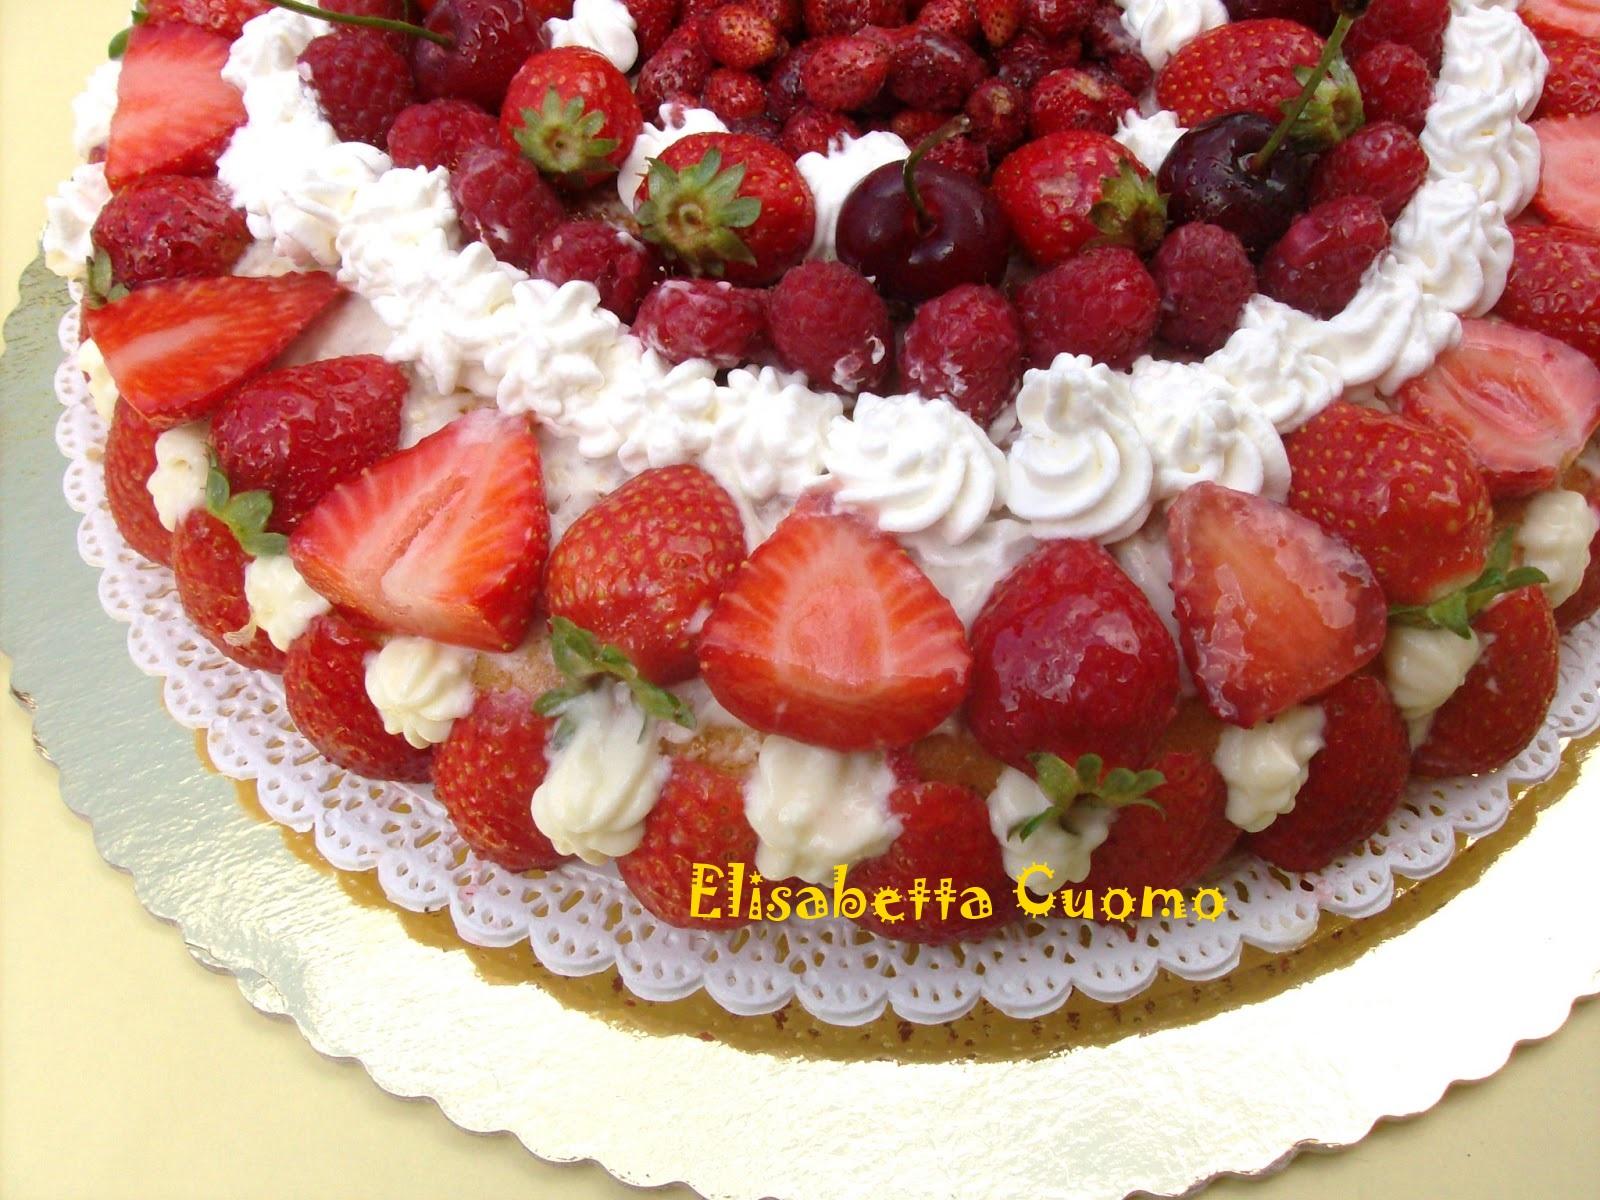 Elisabetta Cuomo - Blog di cucina: Torta classica di pan di Spagna ...